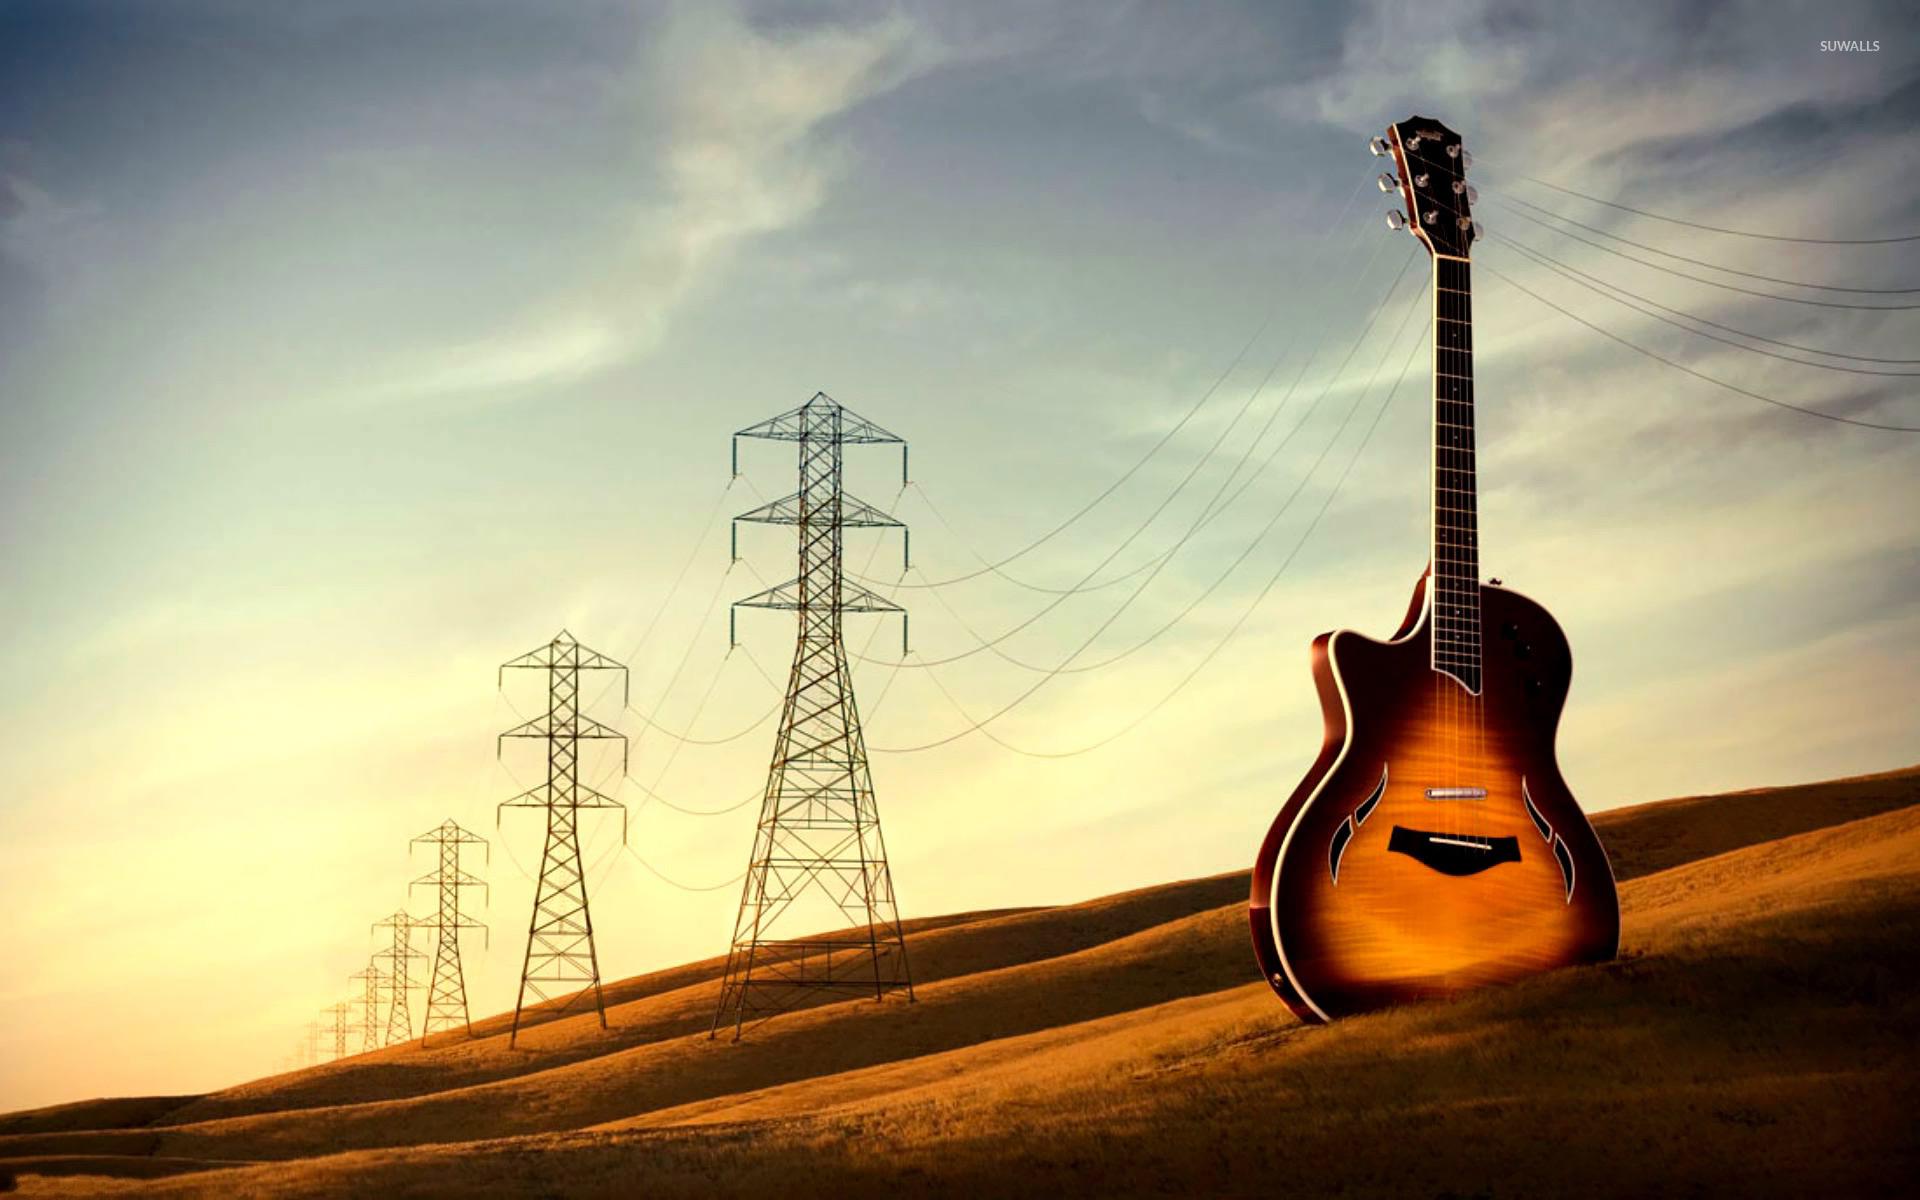 Wallpapers Hd 3d Music: Bluegrass Wallpaper